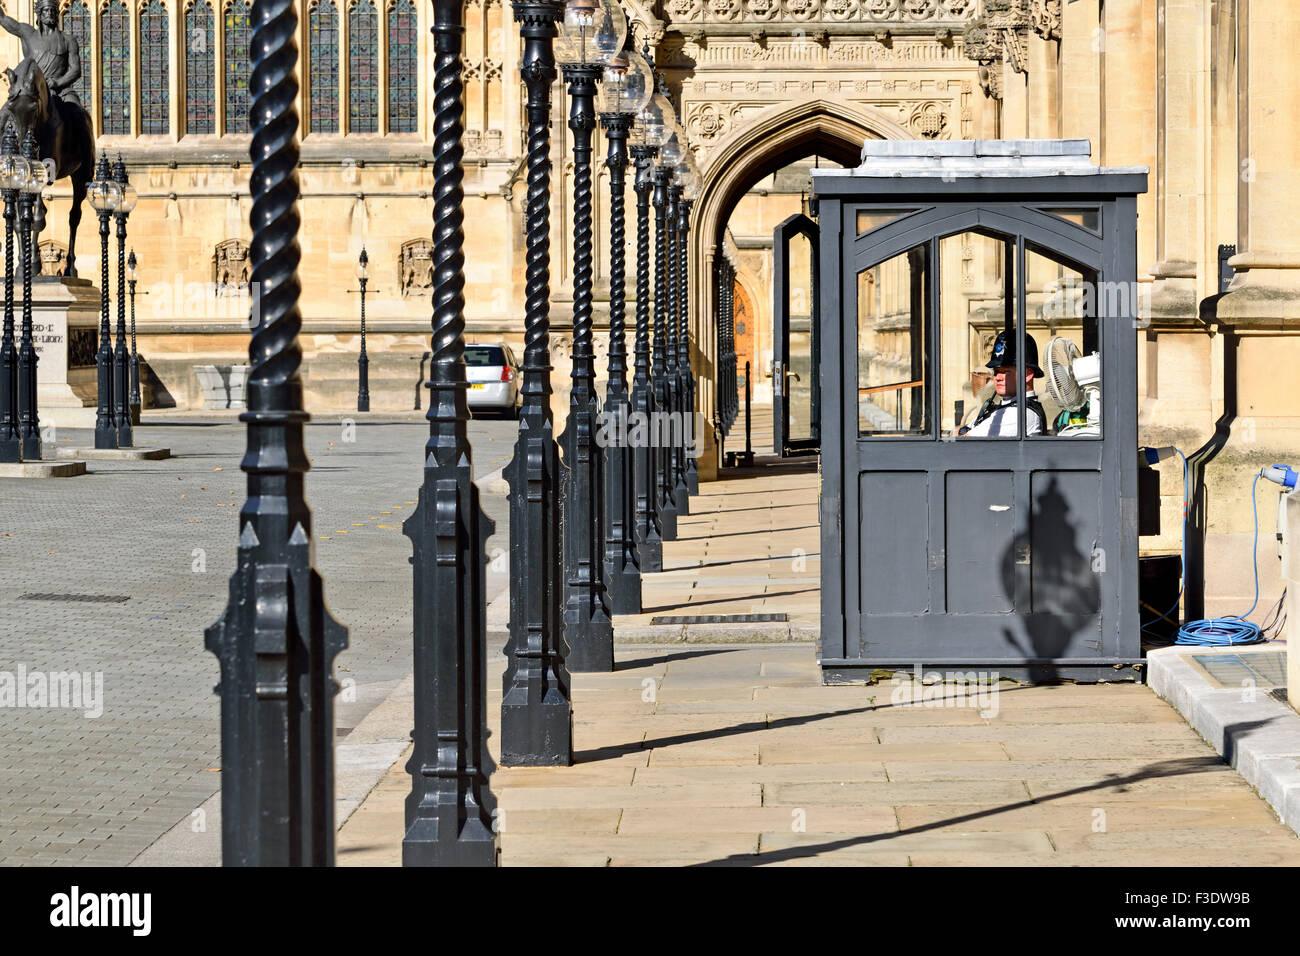 Londres, Angleterre, Royaume-Uni. Chambres du Parlement, Westminster. Officier de police dans un stand dans le parking Photo Stock